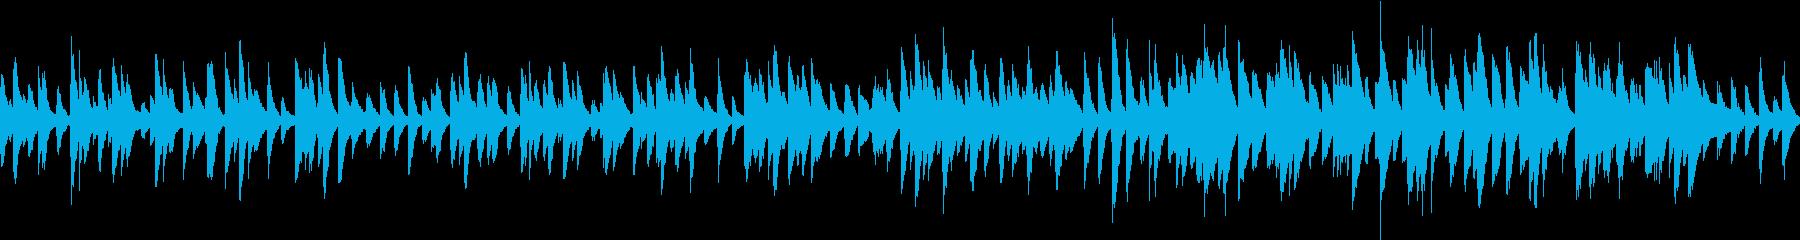 おやつタイムなお洒落ソロピアノジャズの再生済みの波形